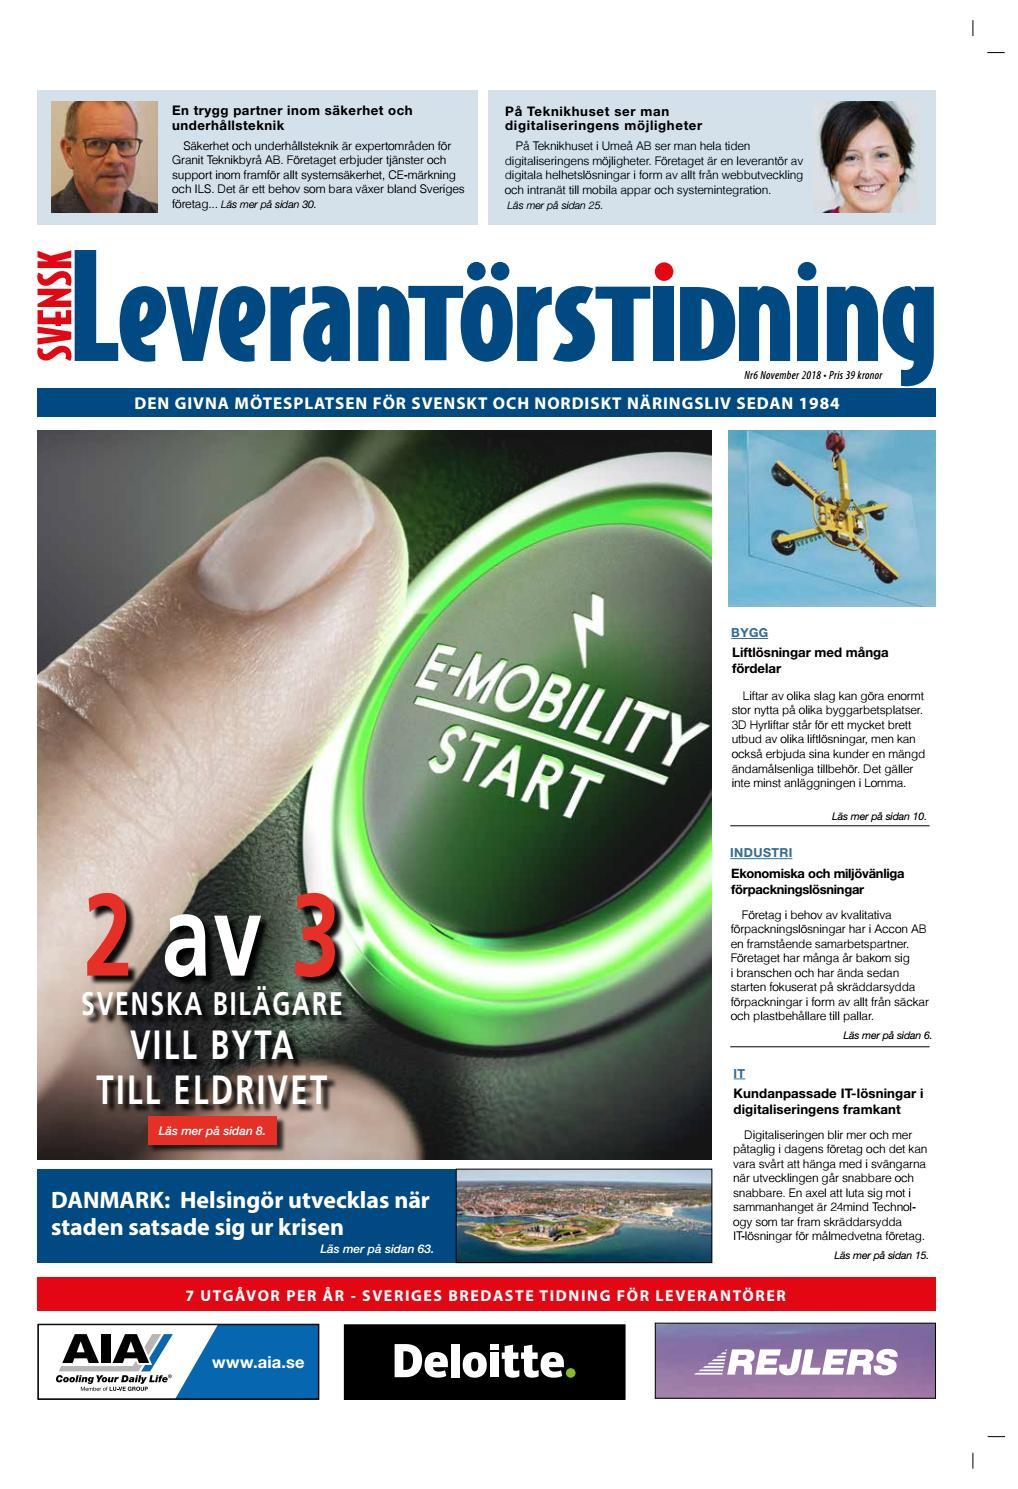 Svensk Leverantörstidning nr-6 2018 by Hexanova Media Group AB - issuu 7fca2f2c23a71